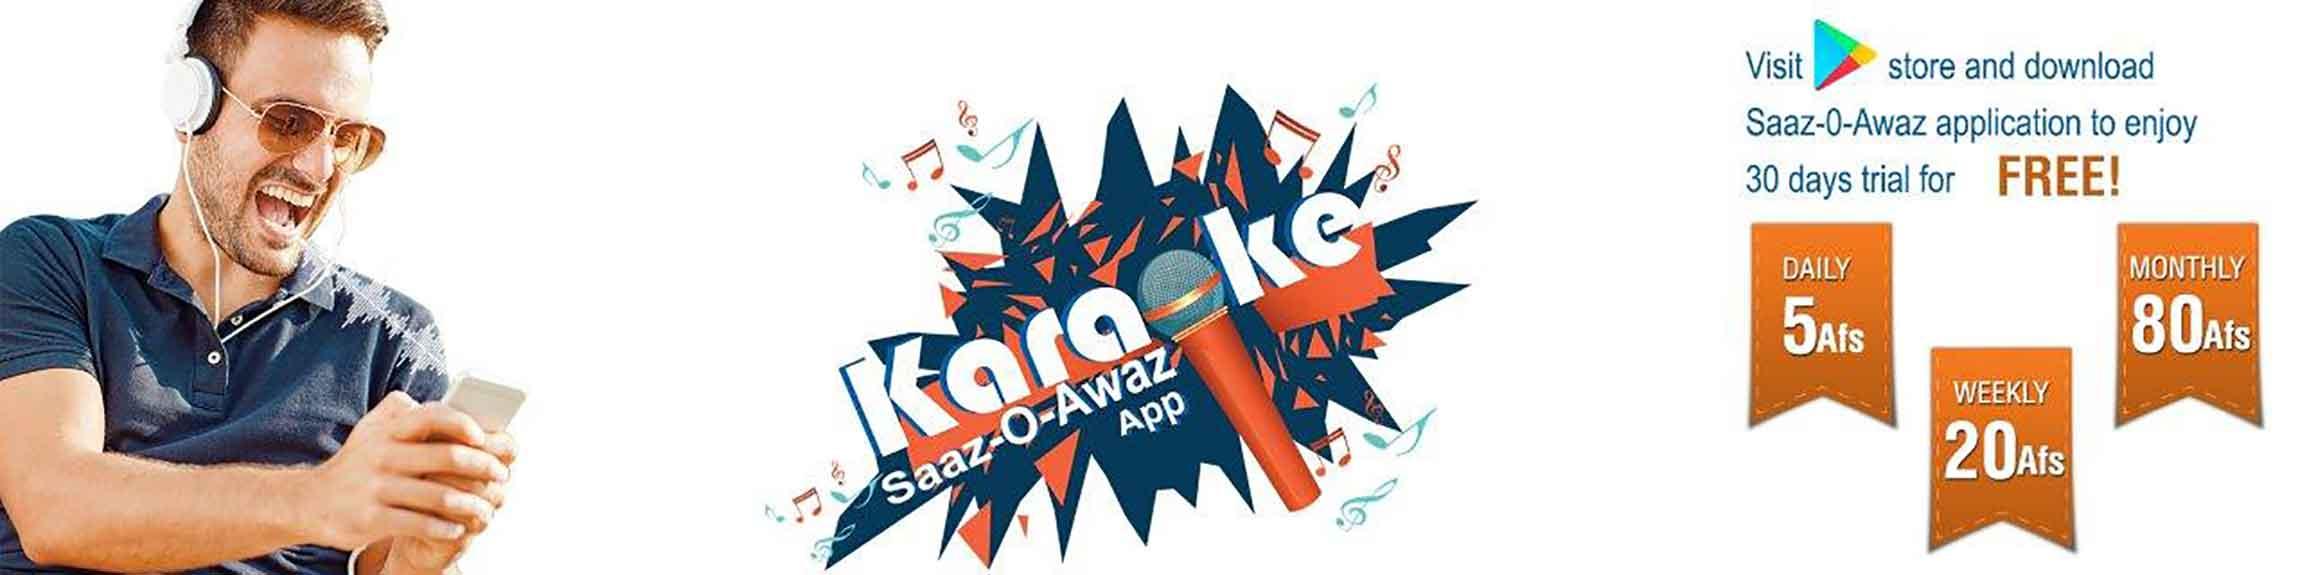 karoake-design-English-For-Web